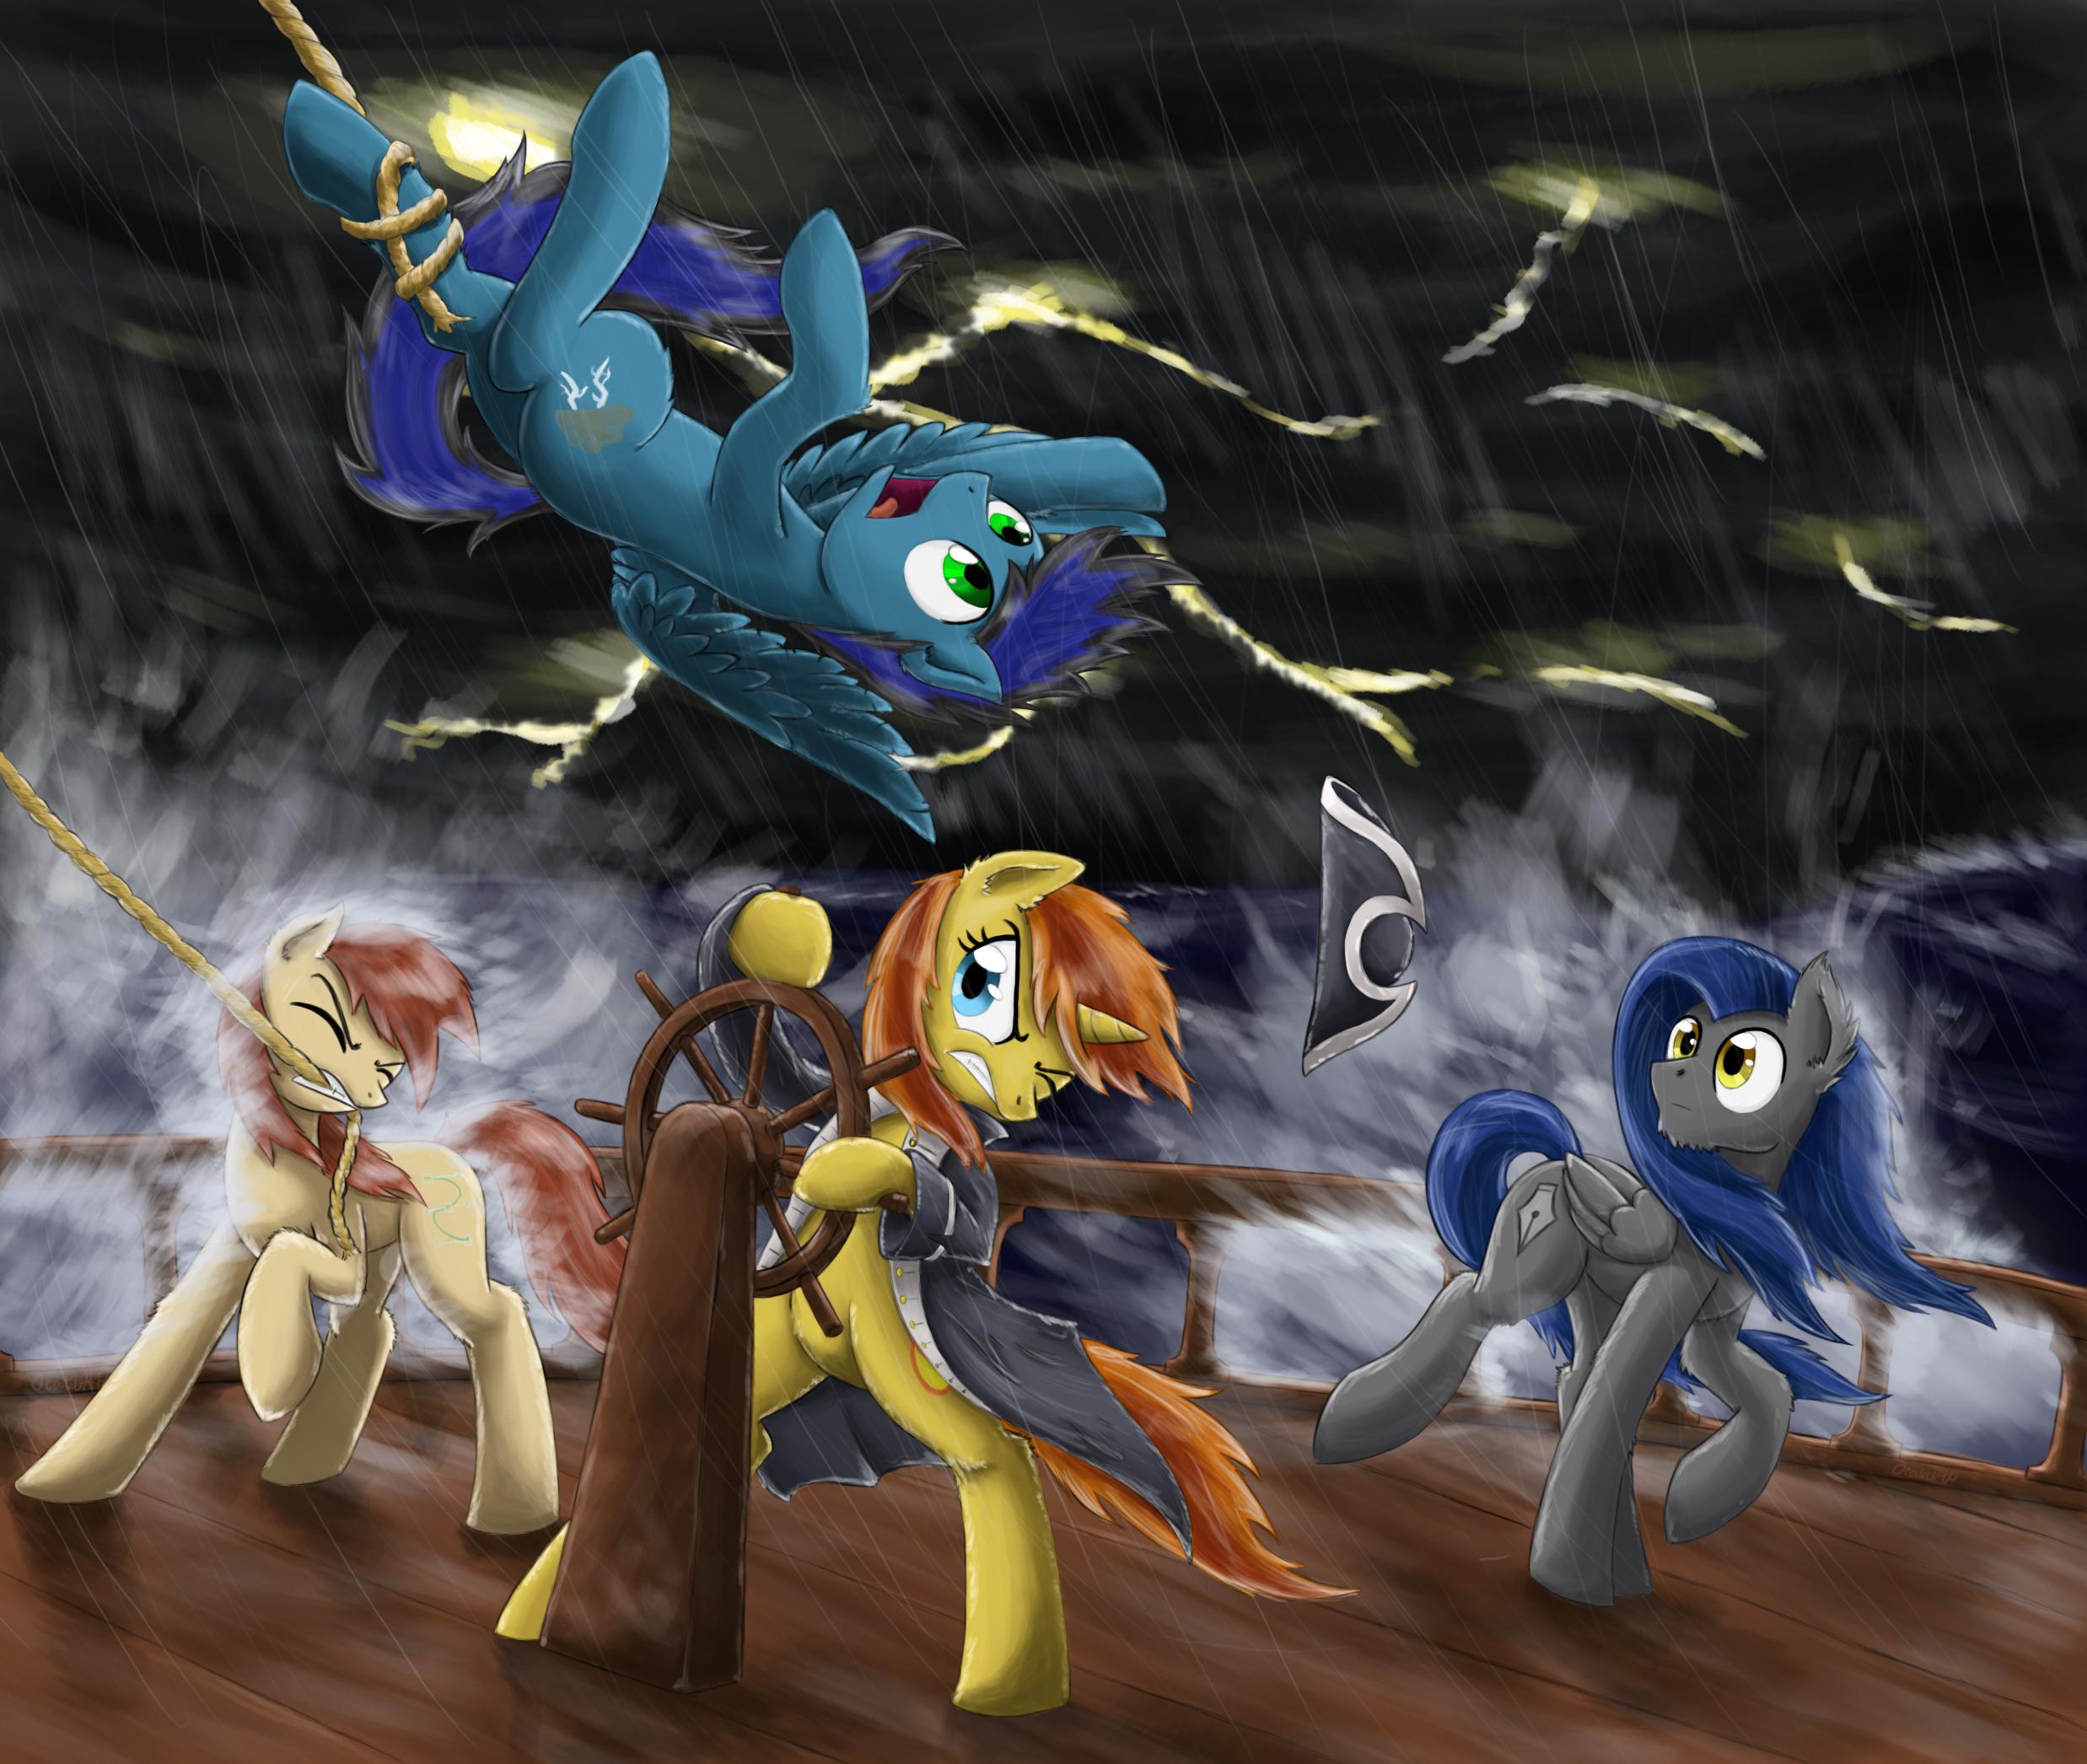 A Stormy Night by otakuap